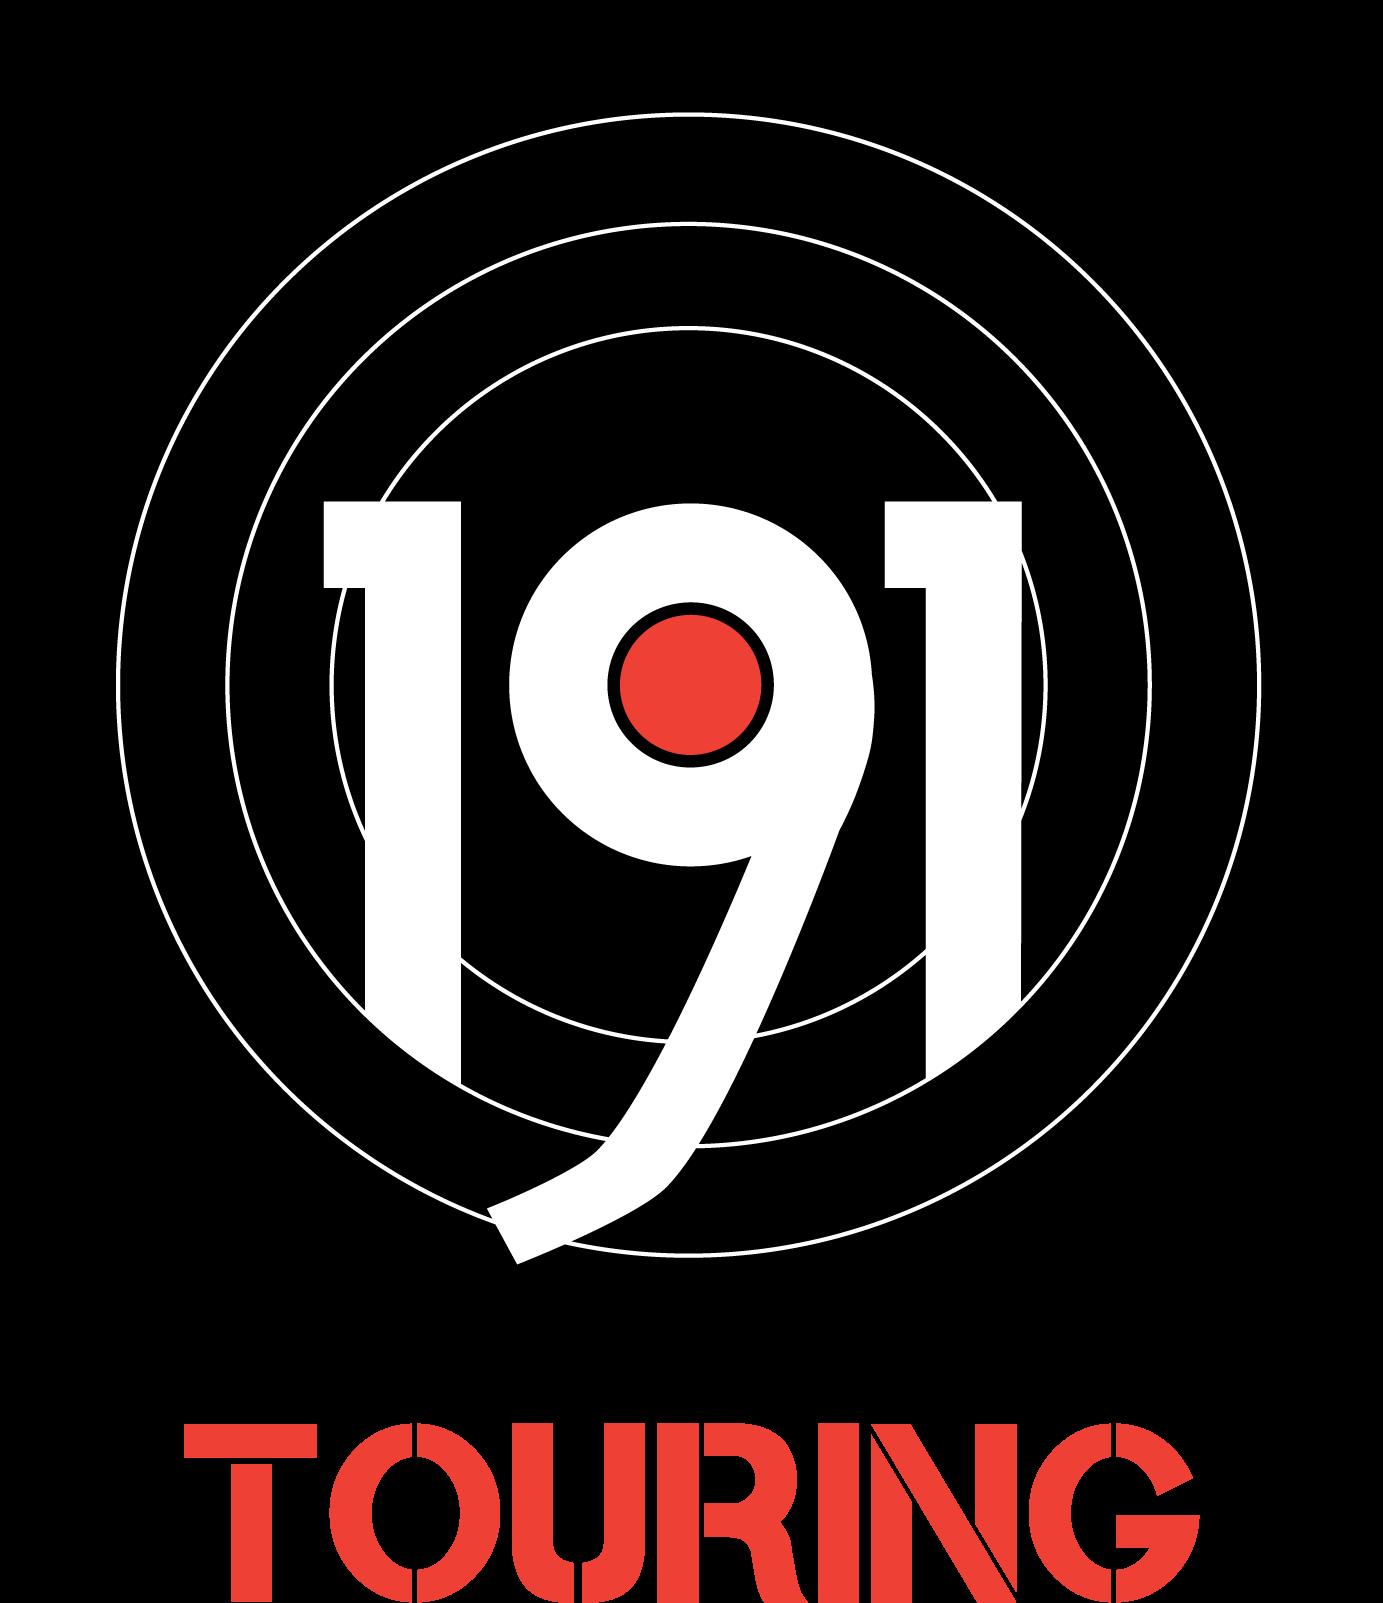 191 Touring